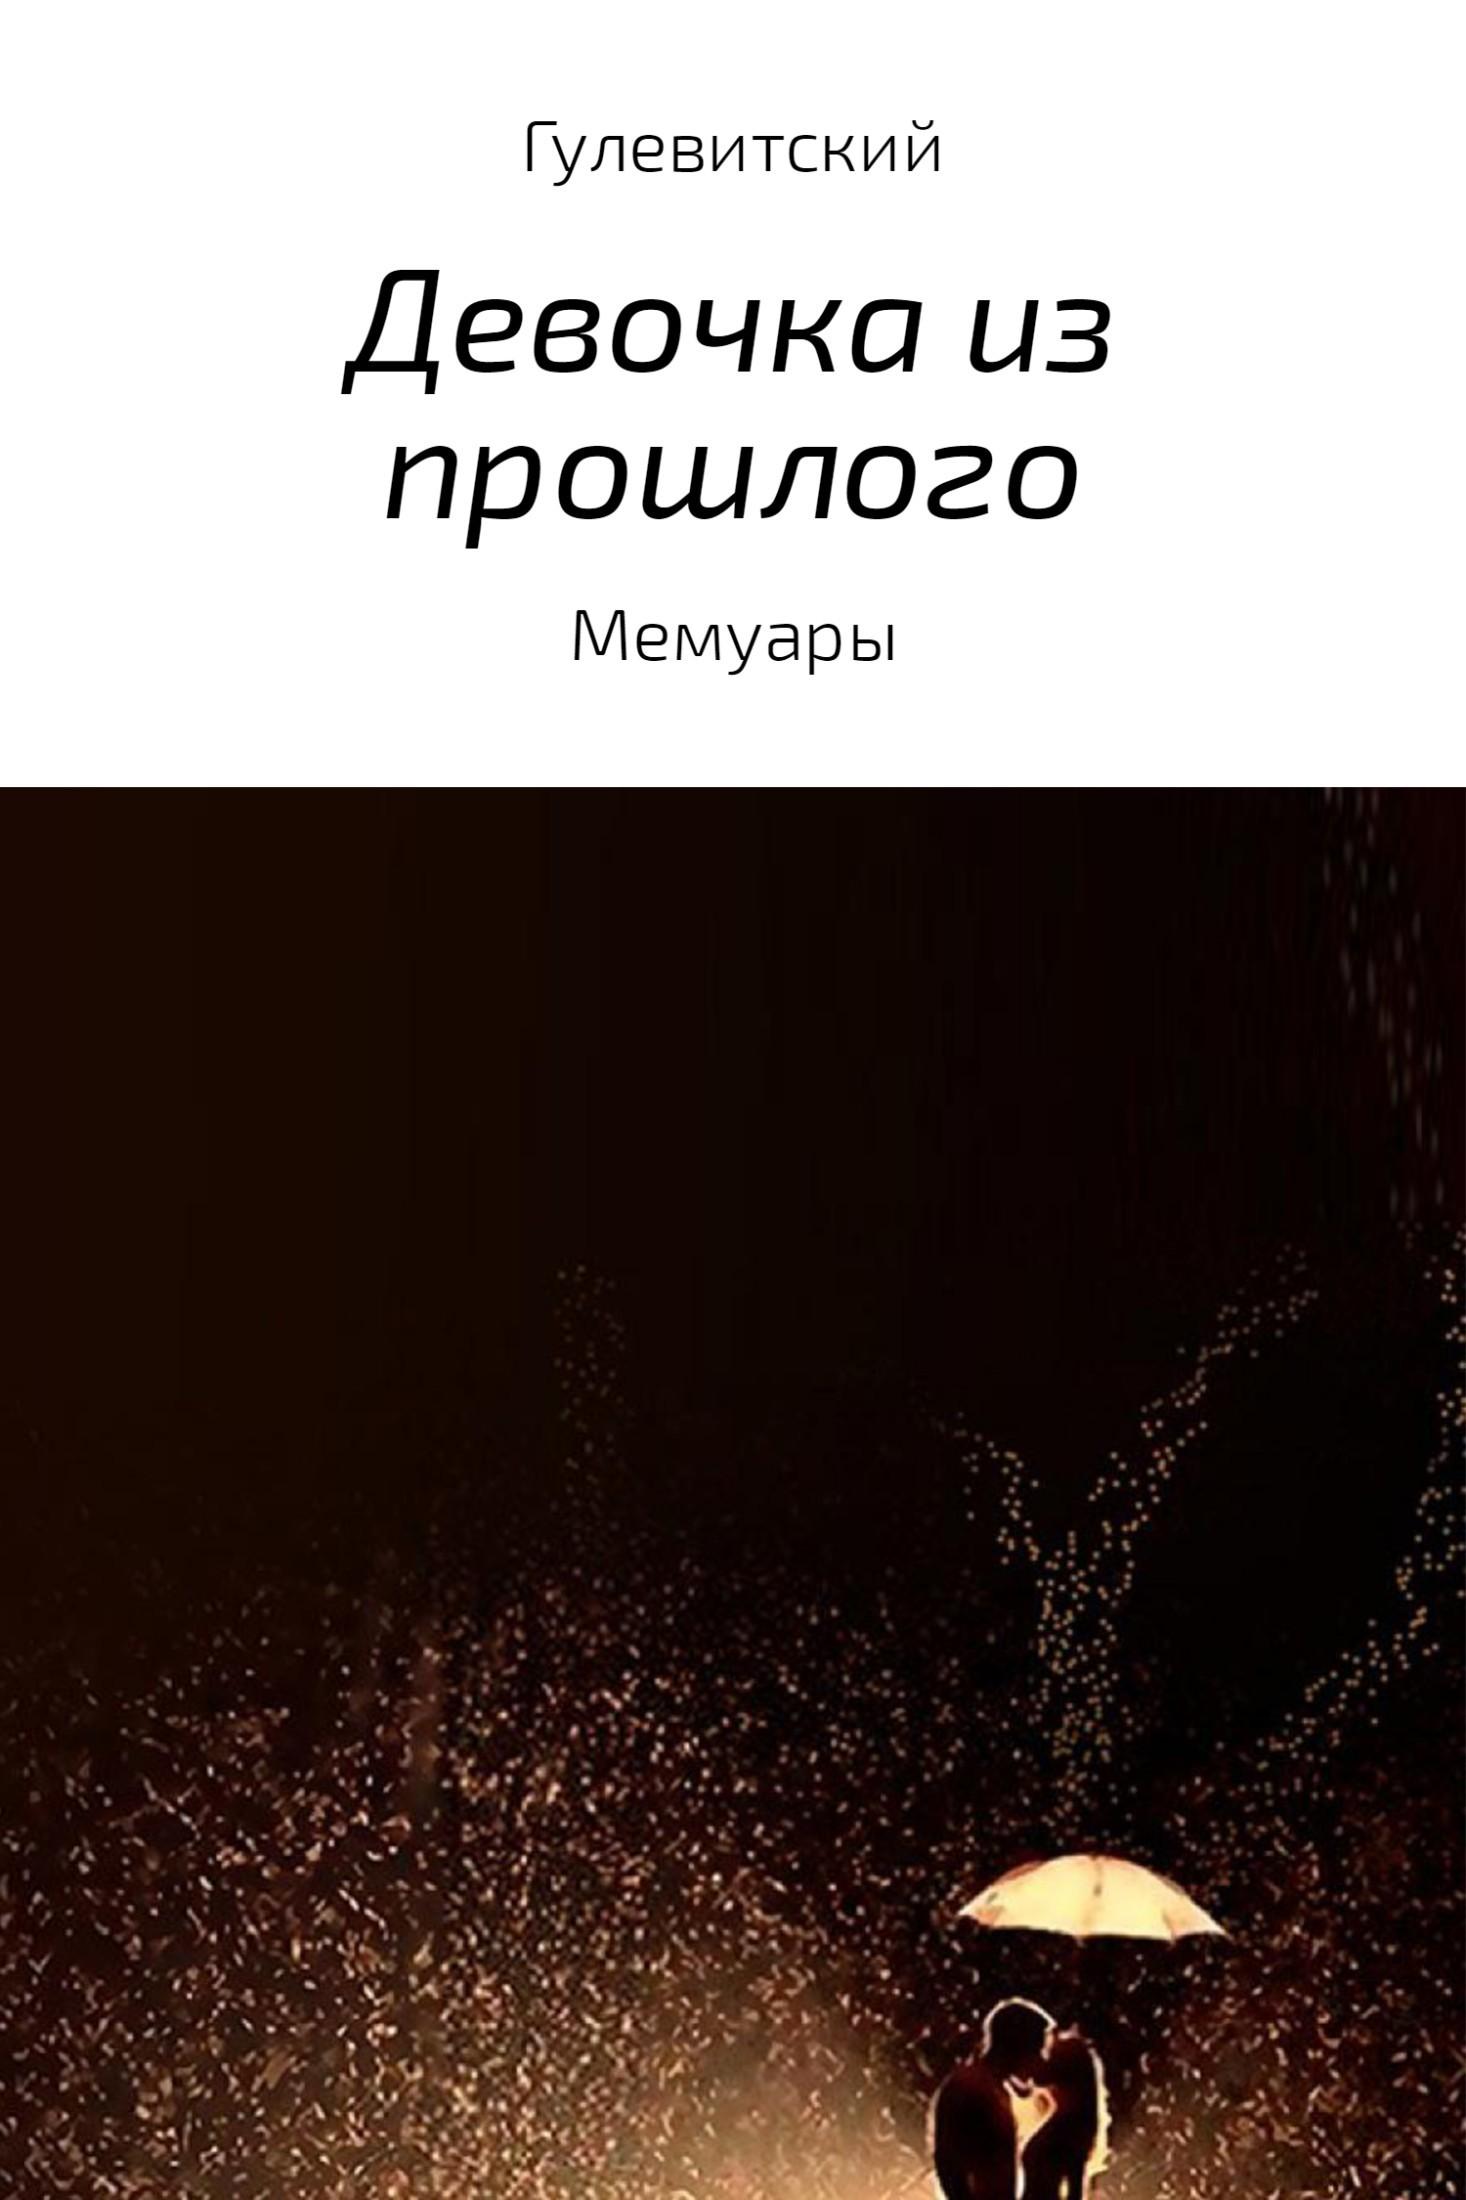 Сергей Гулевитский - Девочка из прошлого. Сборник мемуаров